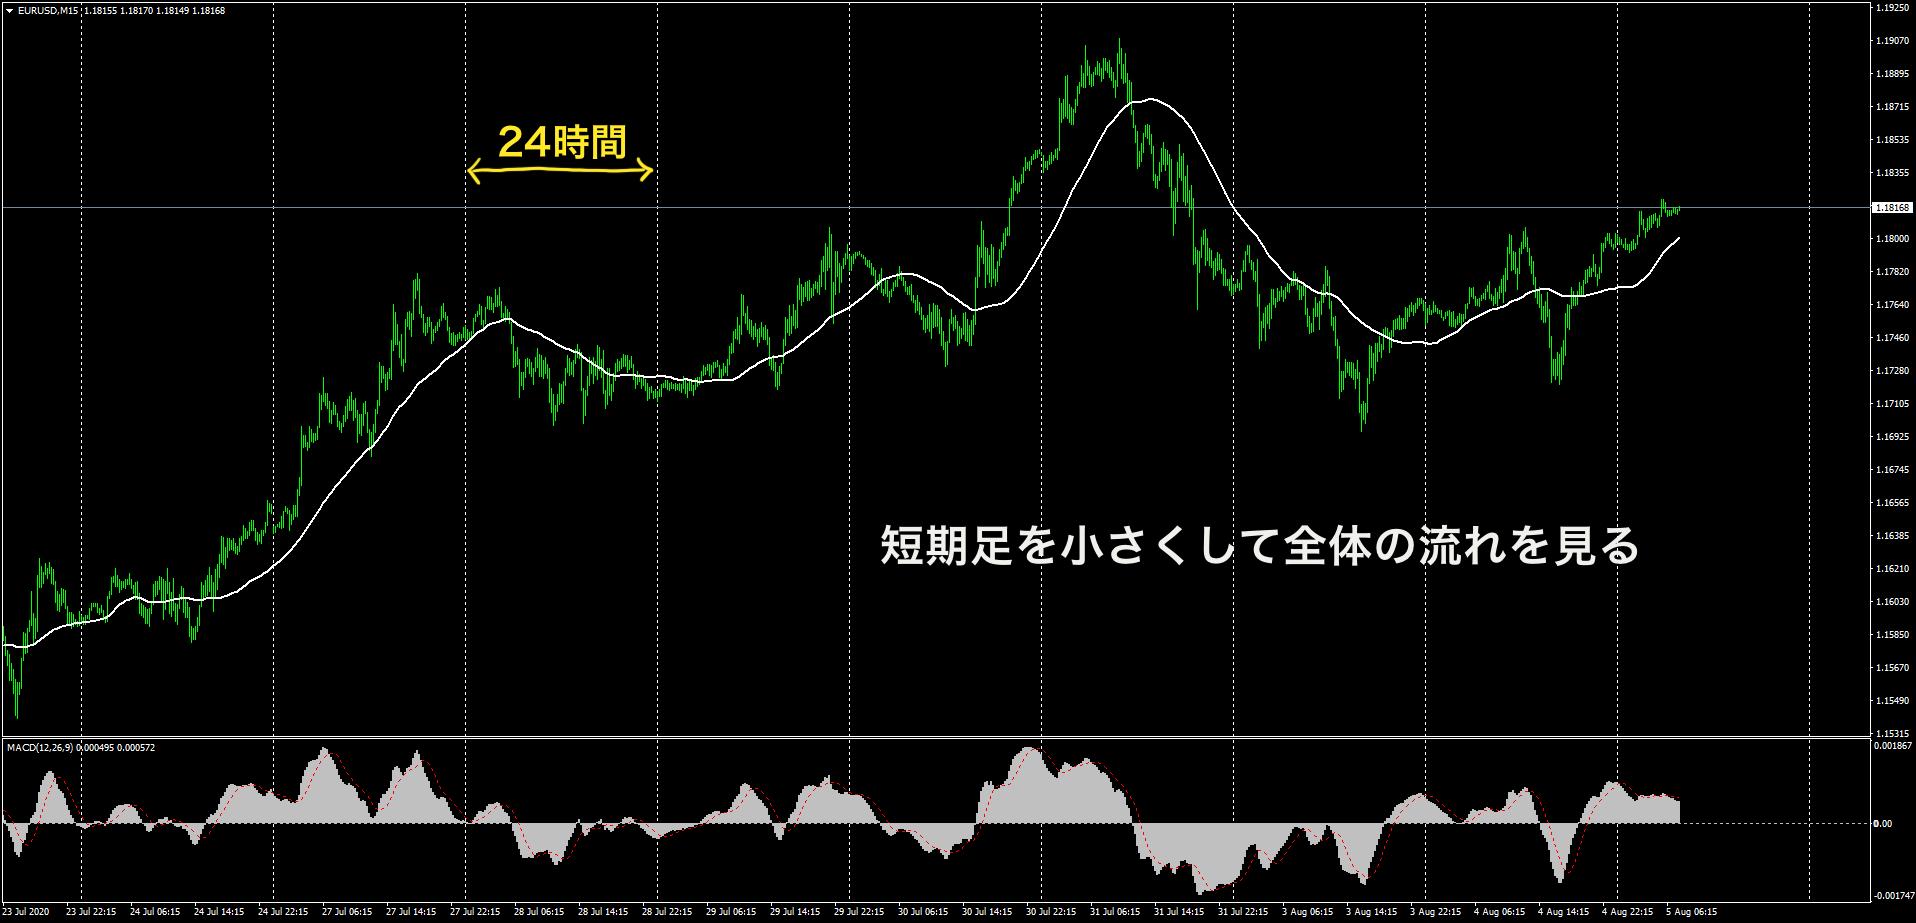 全体の流れを見るために縮小表示したユーロドル15分足チャート